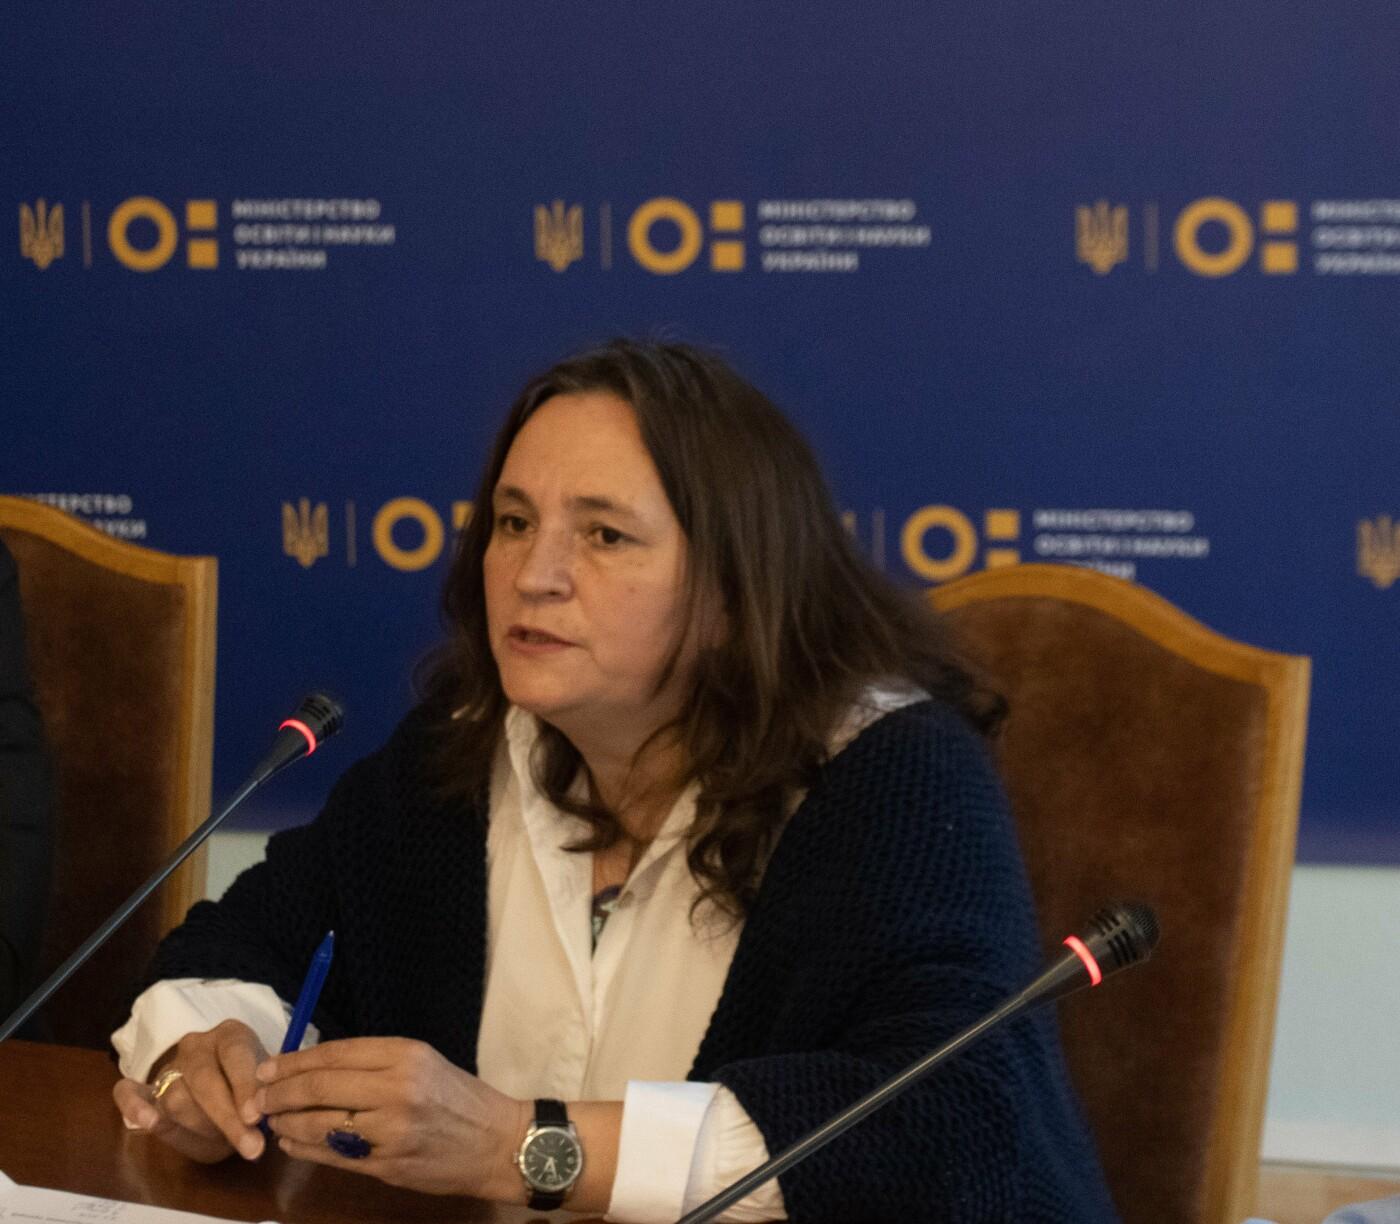 Начали работу образовательные центры «Донбасс-Украины»: в МОН рассказали о порядке поступления абитуриентов из ОРДЛО, фото-1